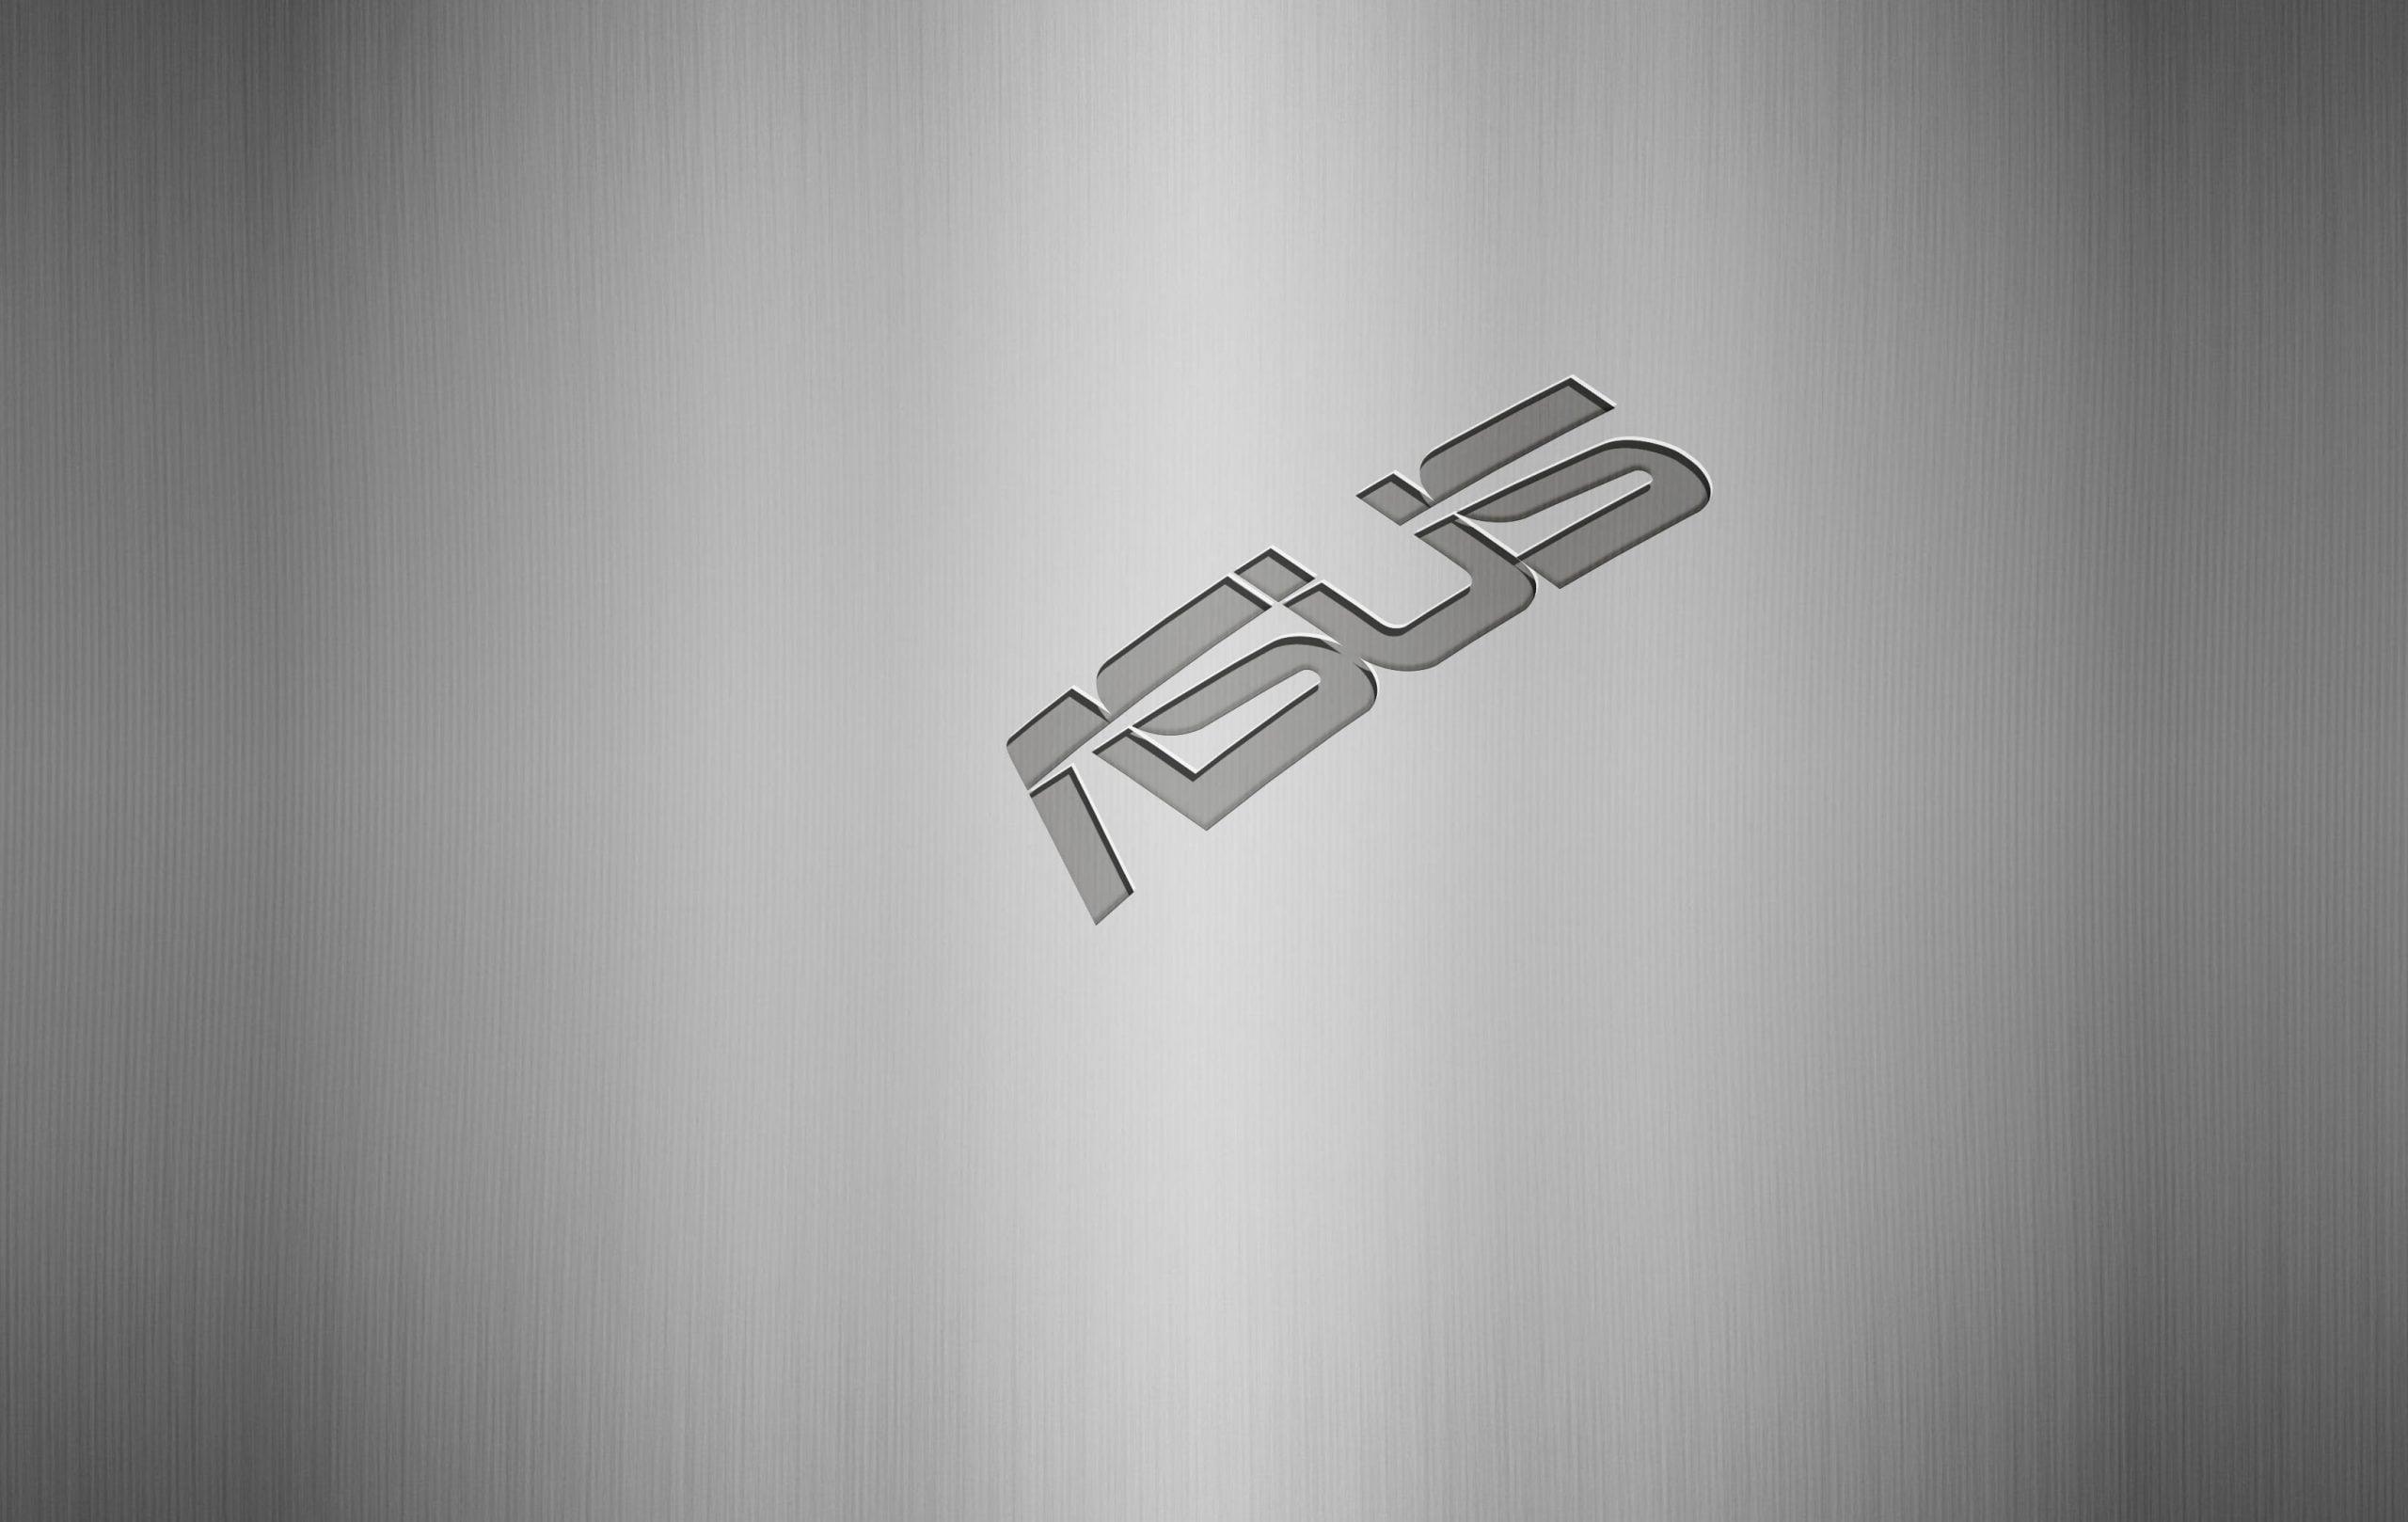 Asus on Steel Logo Mockup